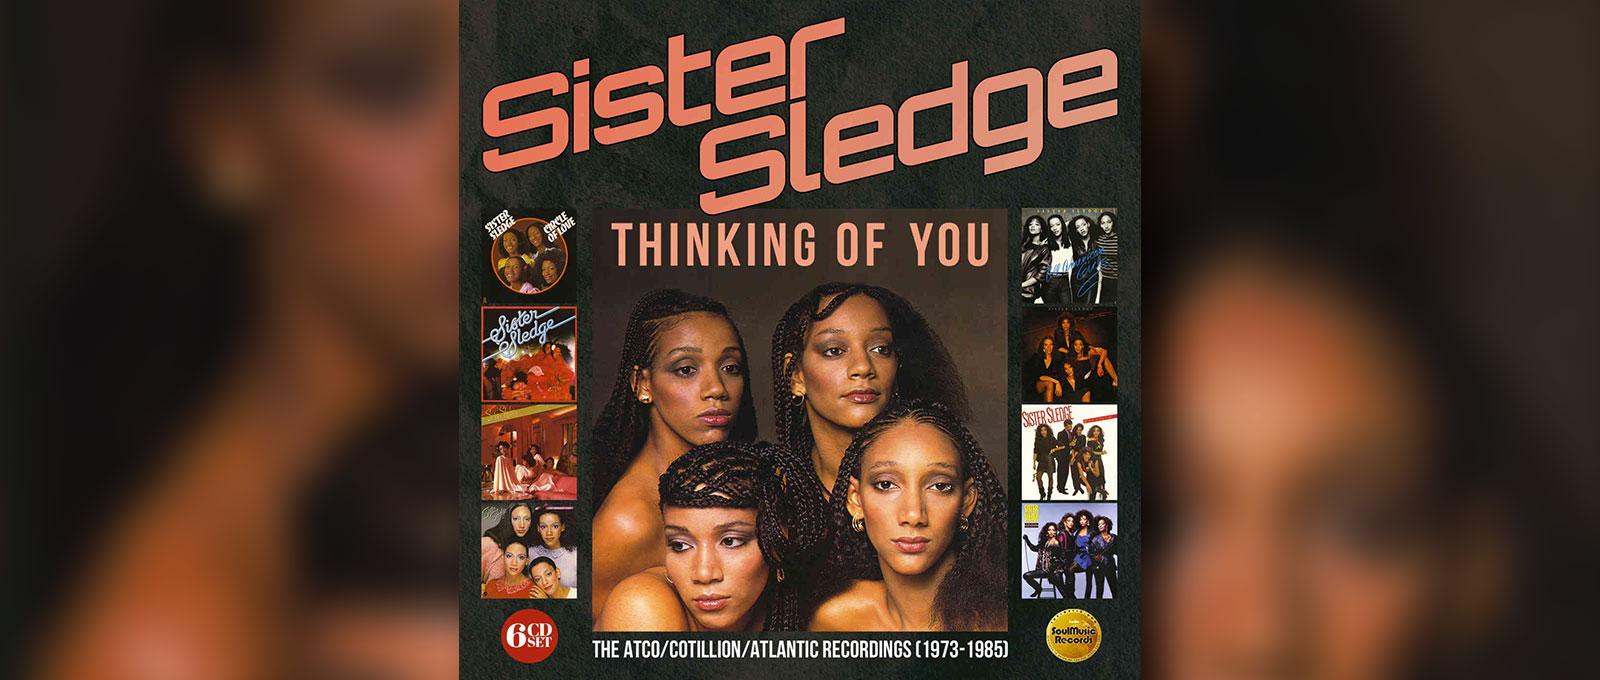 Sister Sledge chronique des 6CD